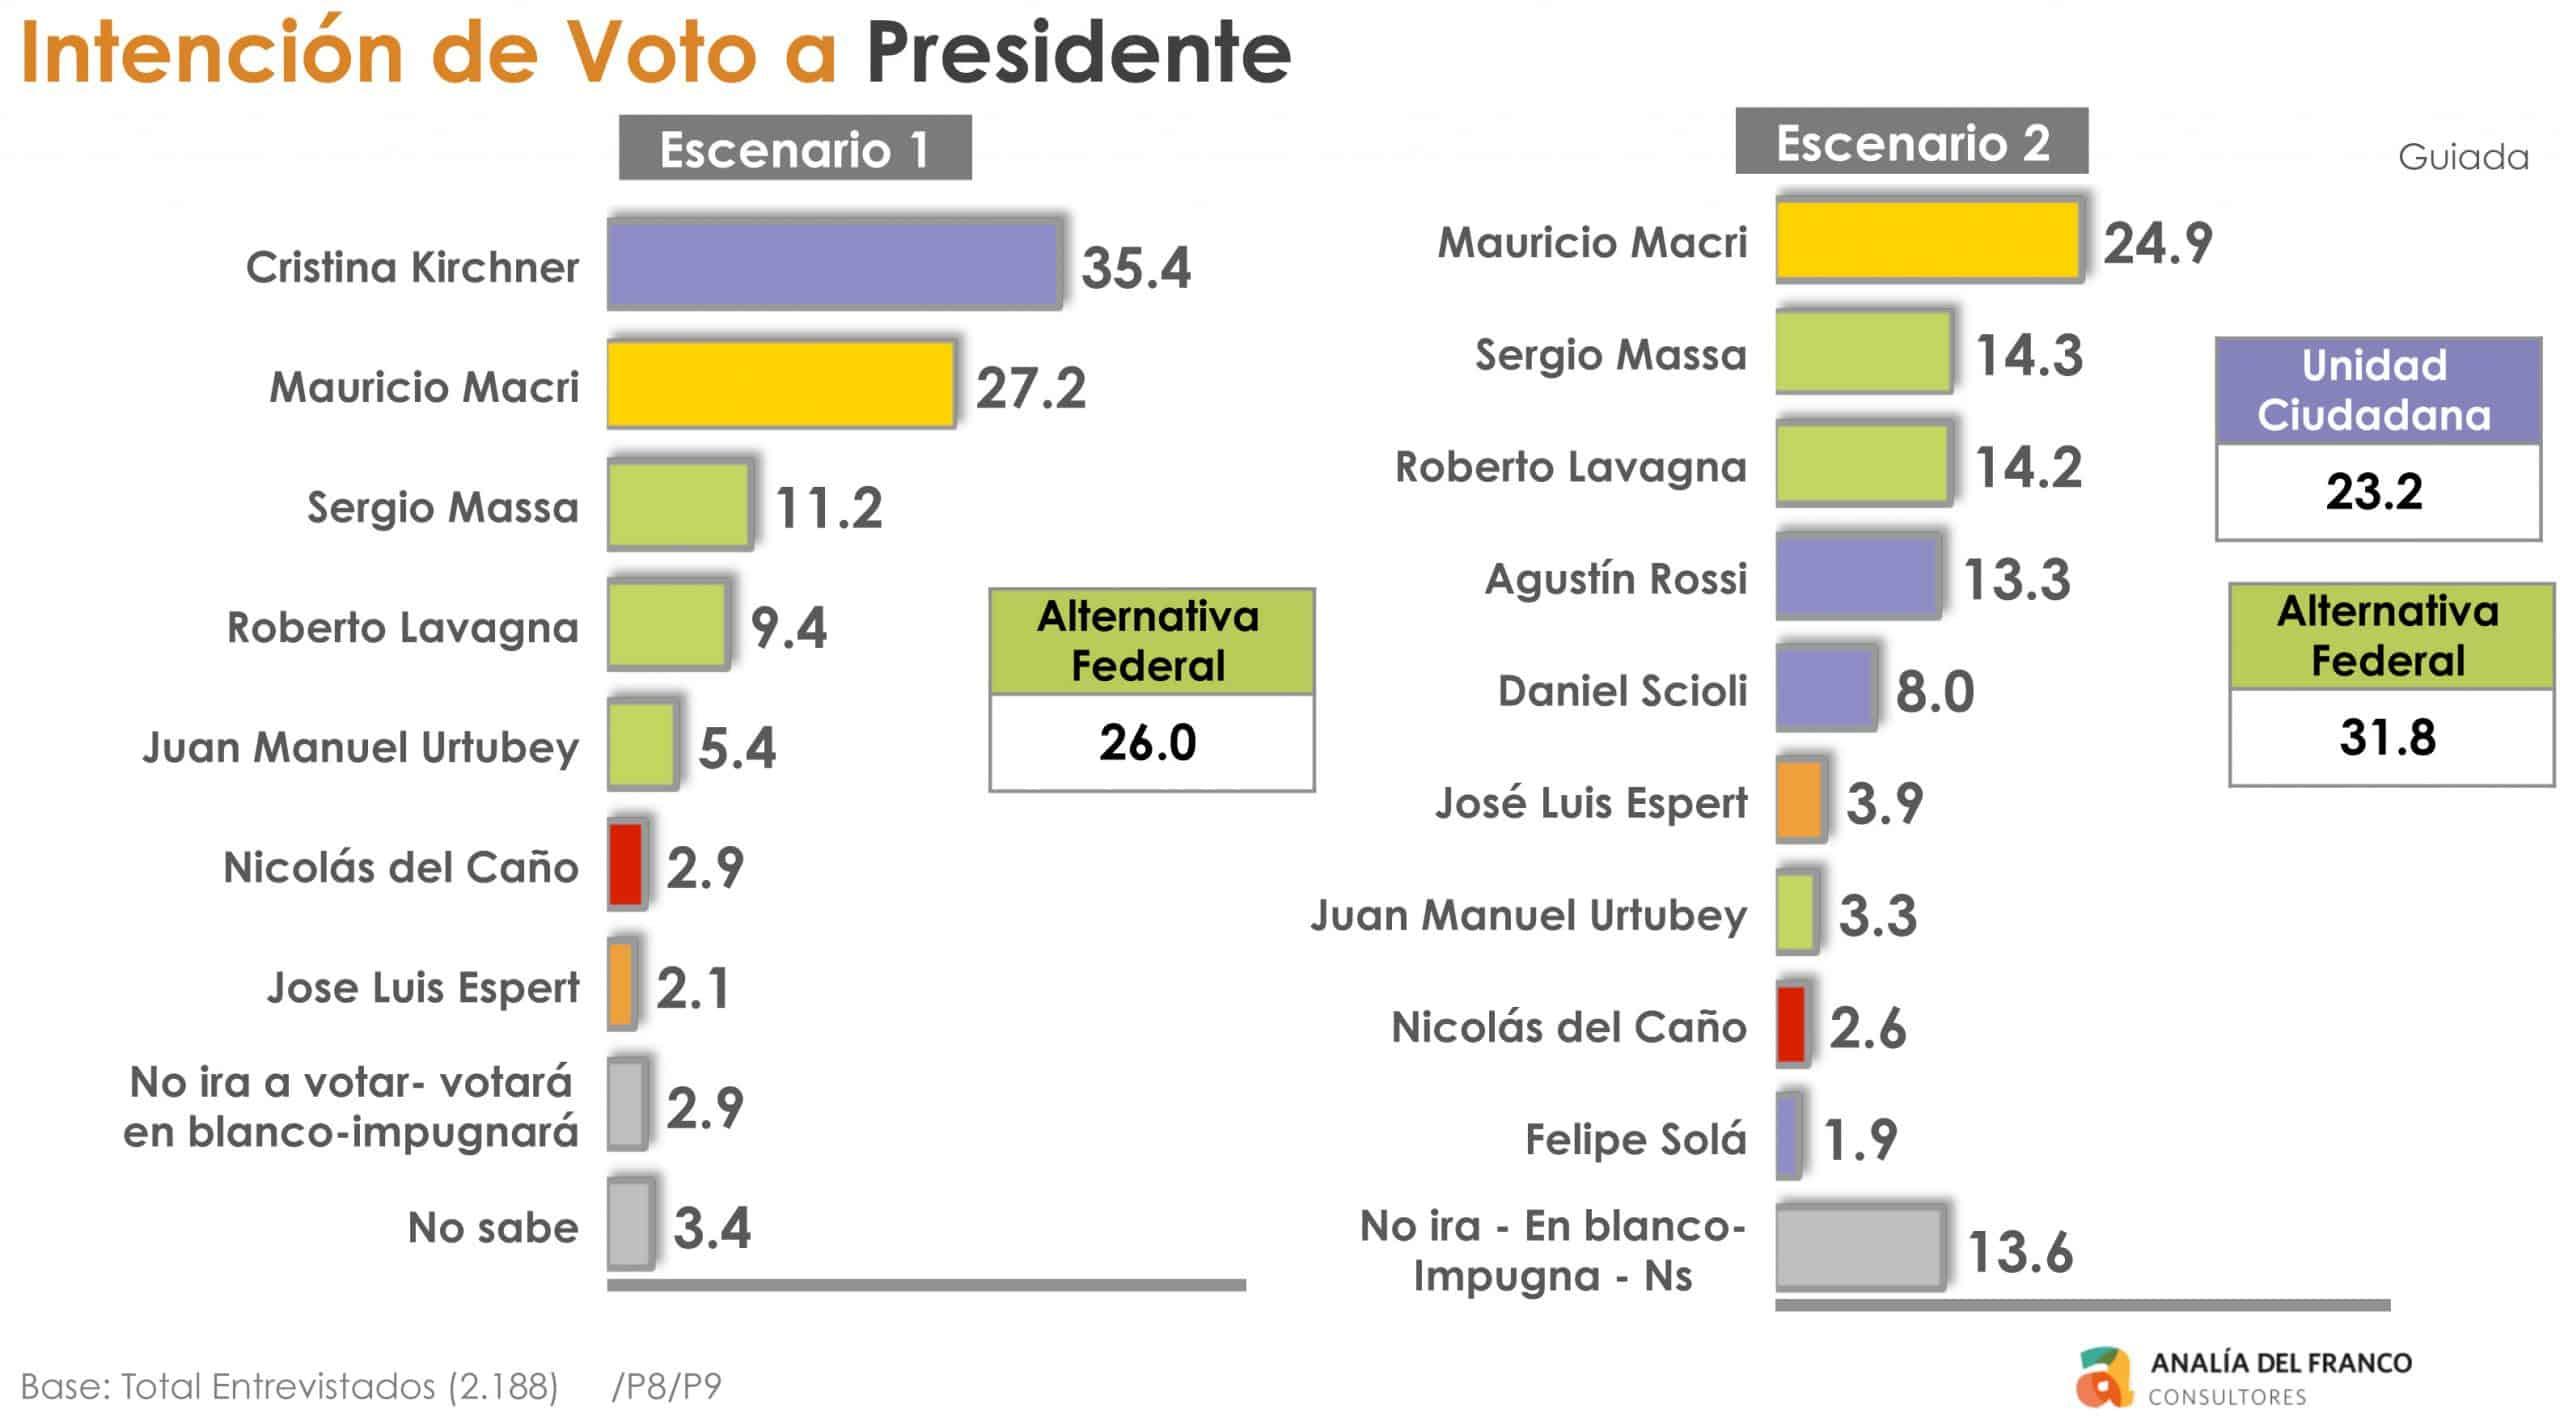 Dos encuestas encargadas por el gobierno se preguntan: ¿Y si en octubre Macri sale tercero? 7